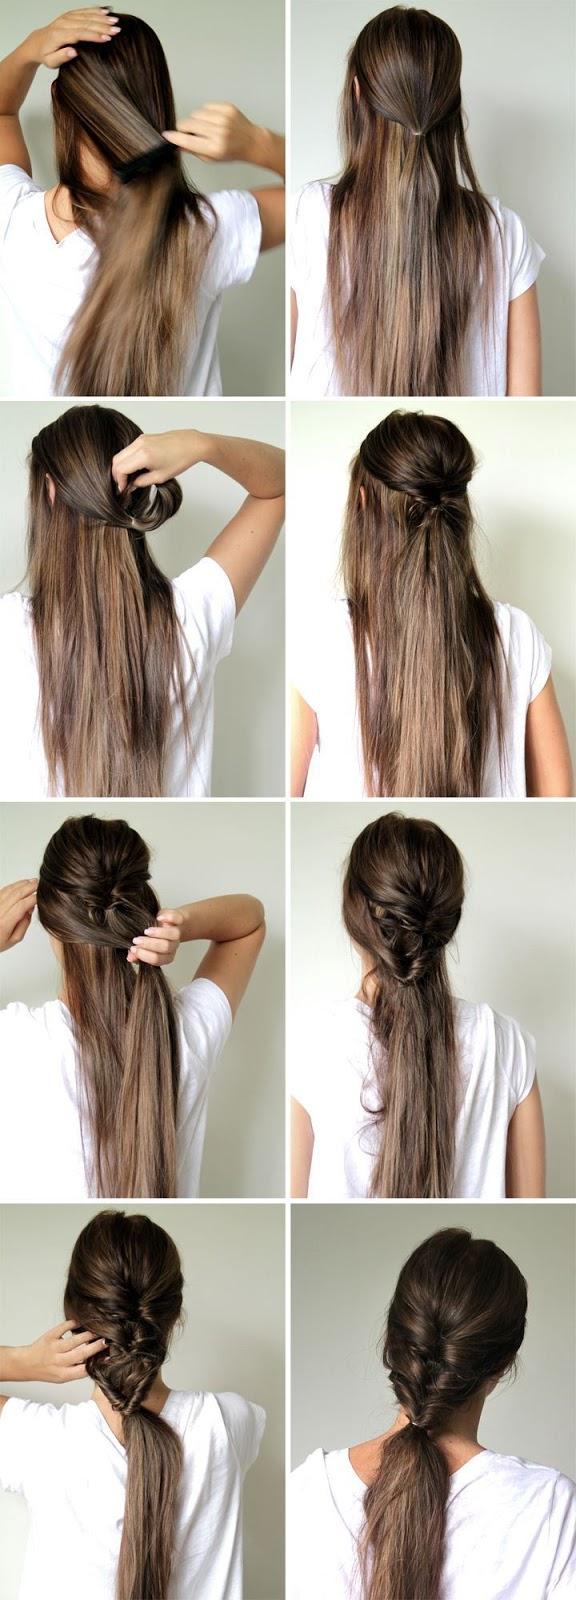 Прически на длинные волосы на каждый день своими руками фото в школу